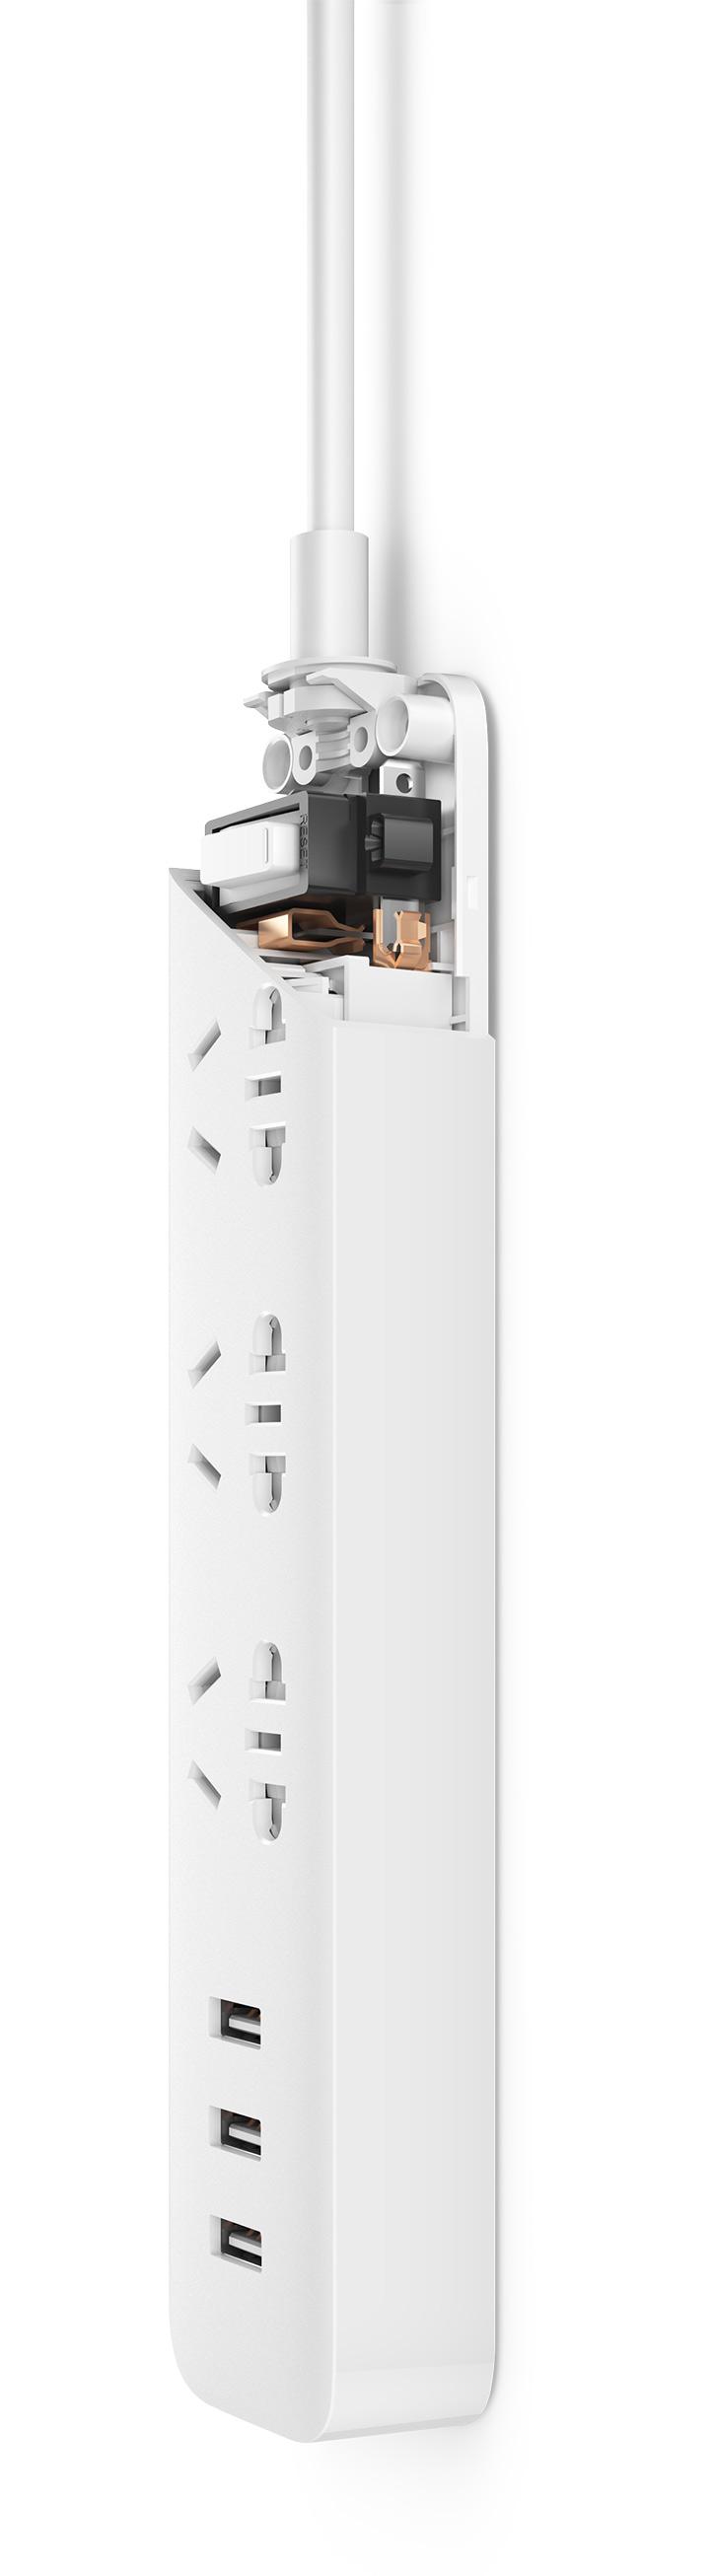 سه راهی برق USB دار شیائومی